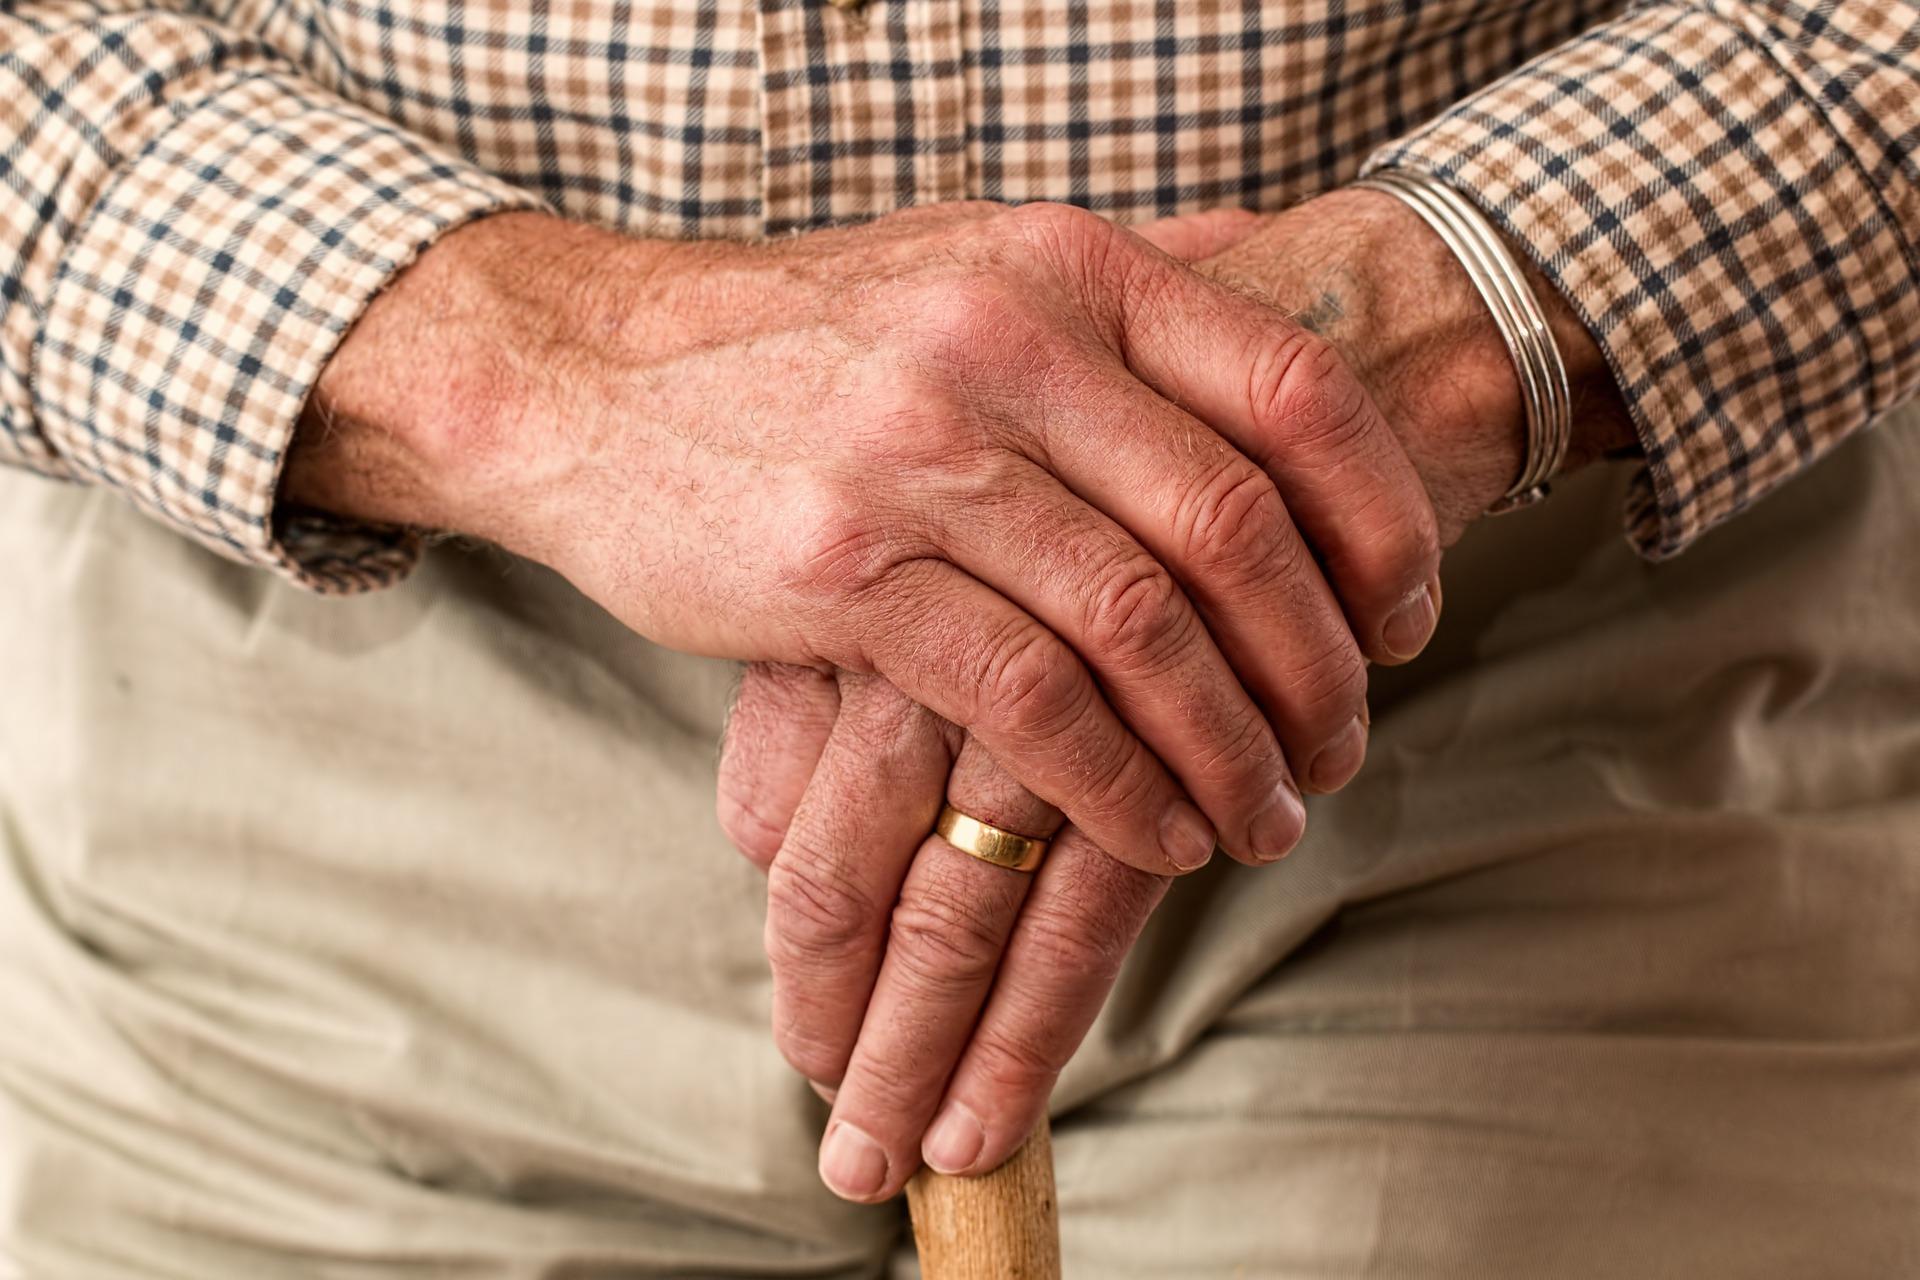 morbo di parkinson si muore-parkinson quanti anni di vita-morbo di parkinson e dolori alle gambe-morbo di parkinson cura definitiva-morbo di parkinson a 50 anni-ability channel-morbo di parkinson-morbo-morbo di parkinson morte